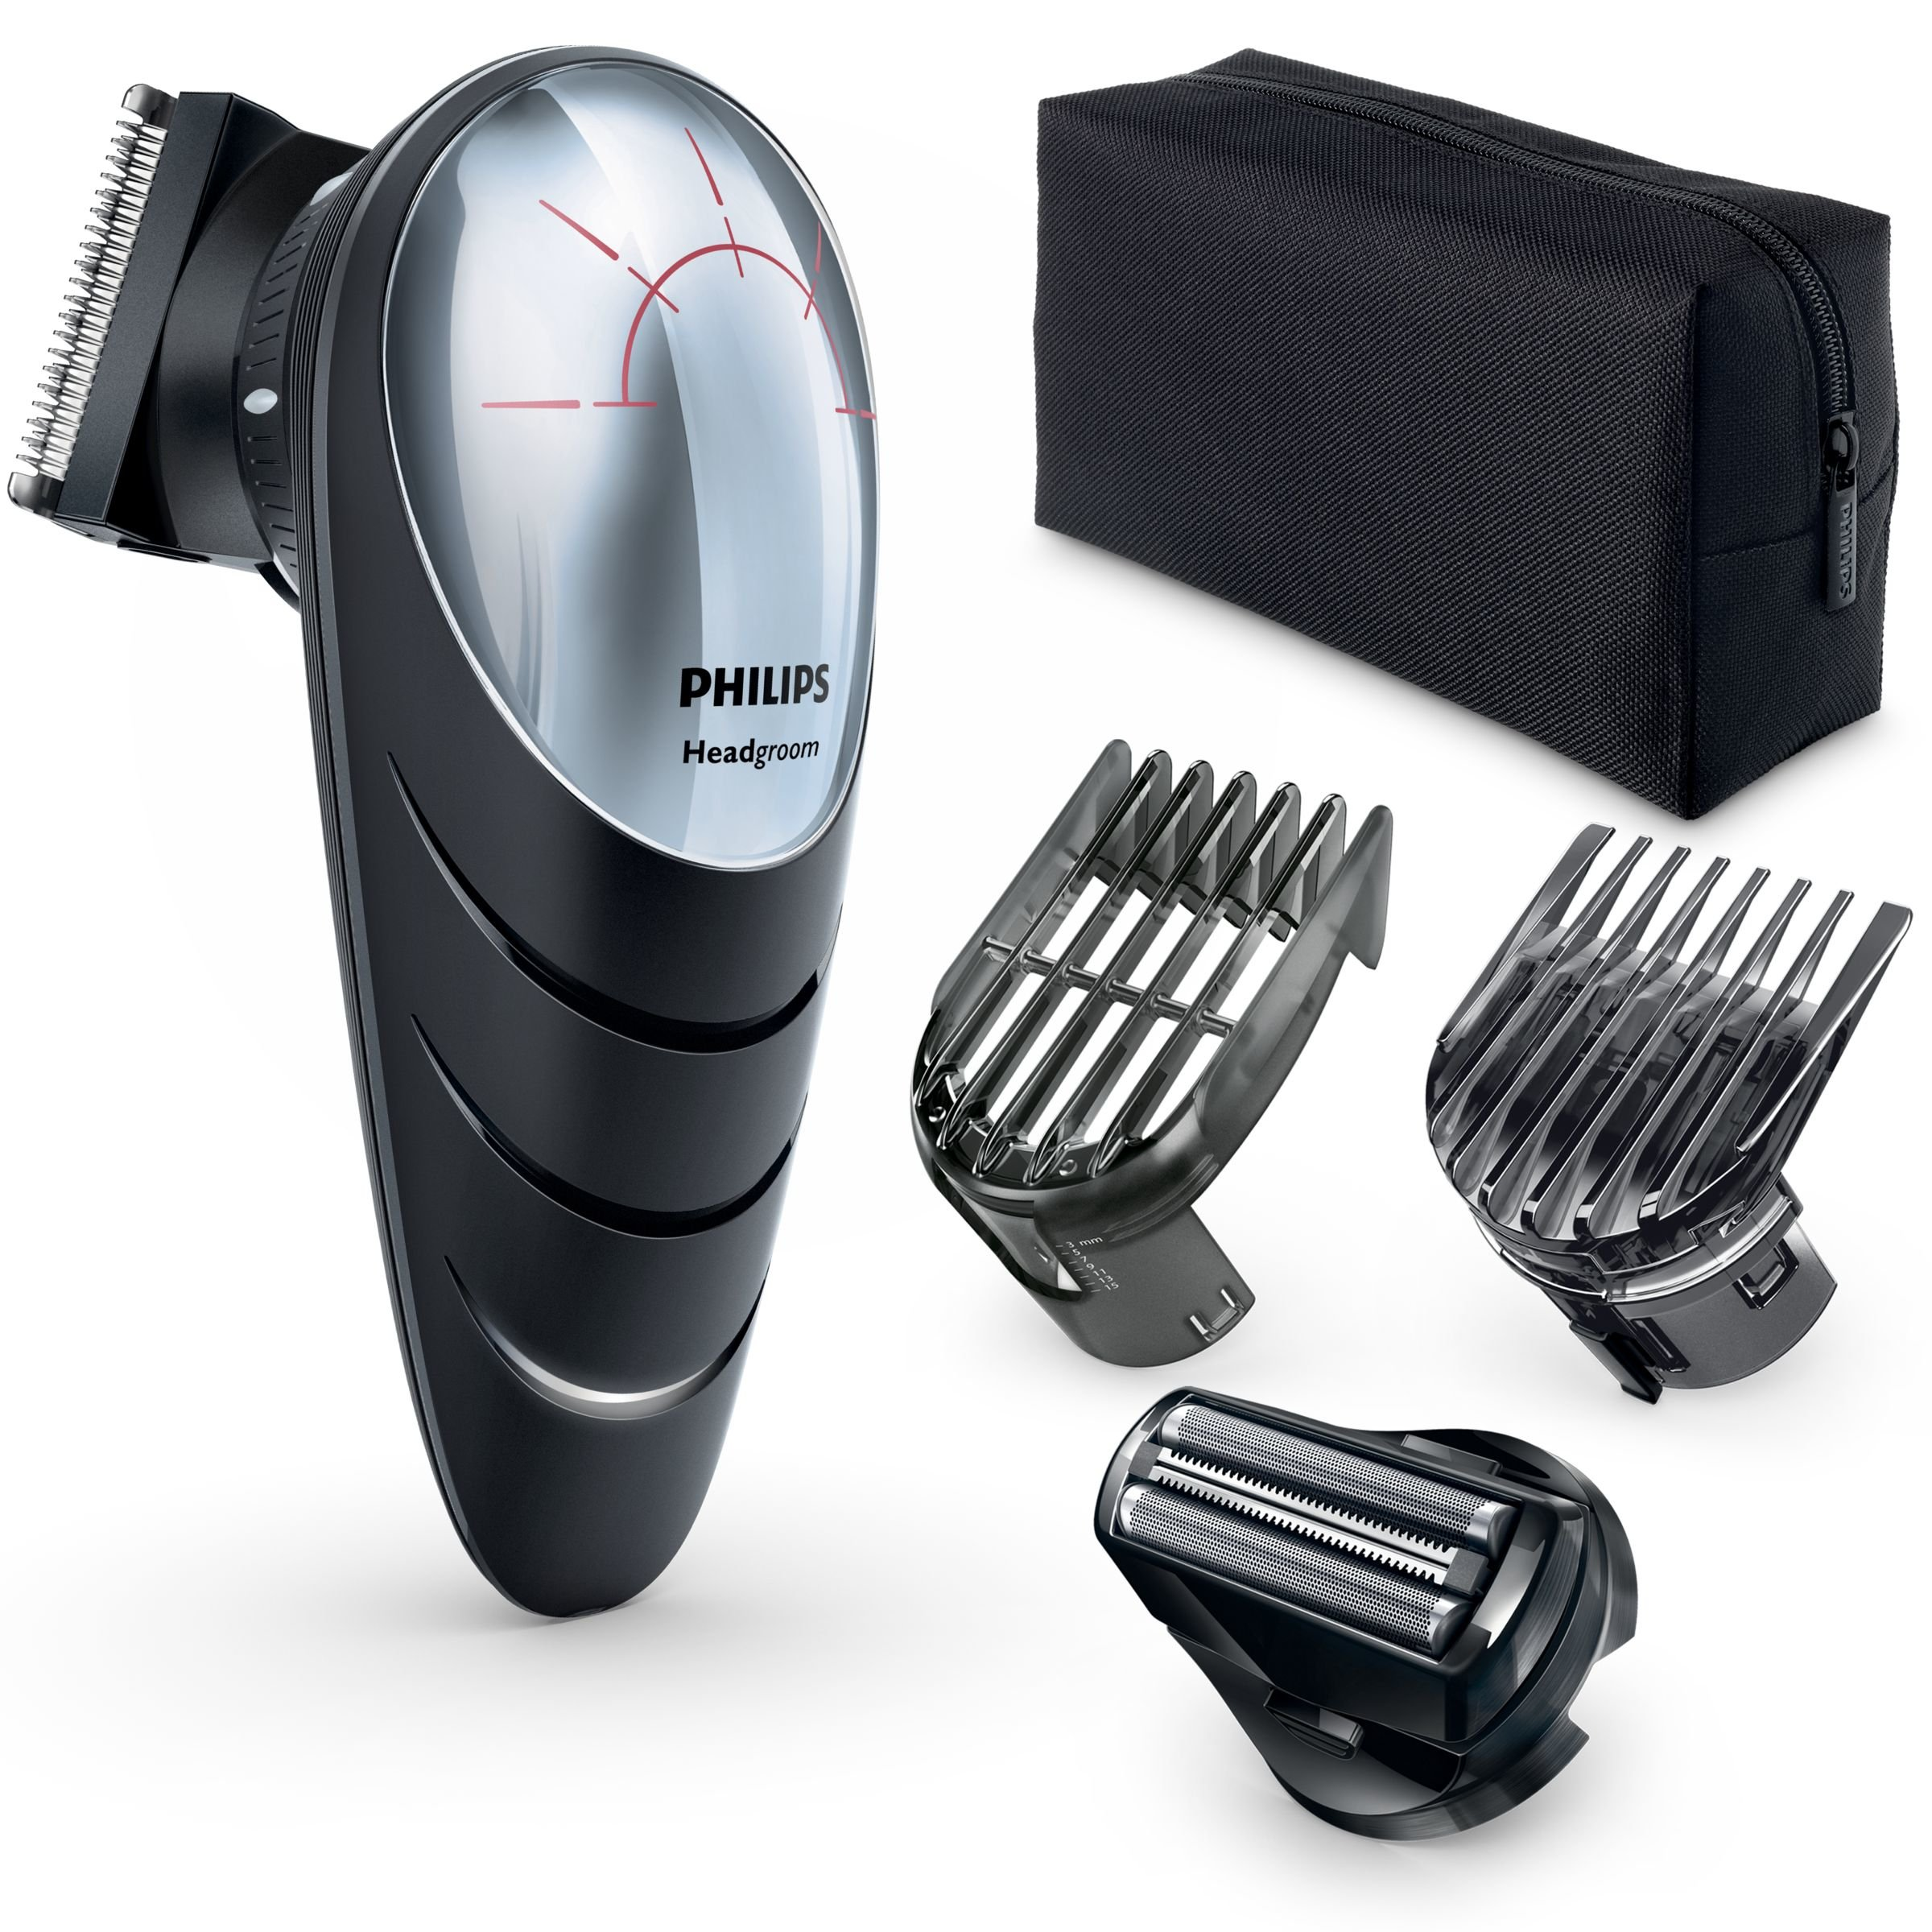 Philips QC5580/32 Tondeuse cheveux avec tête pivotante 180° et sabots réglables product image